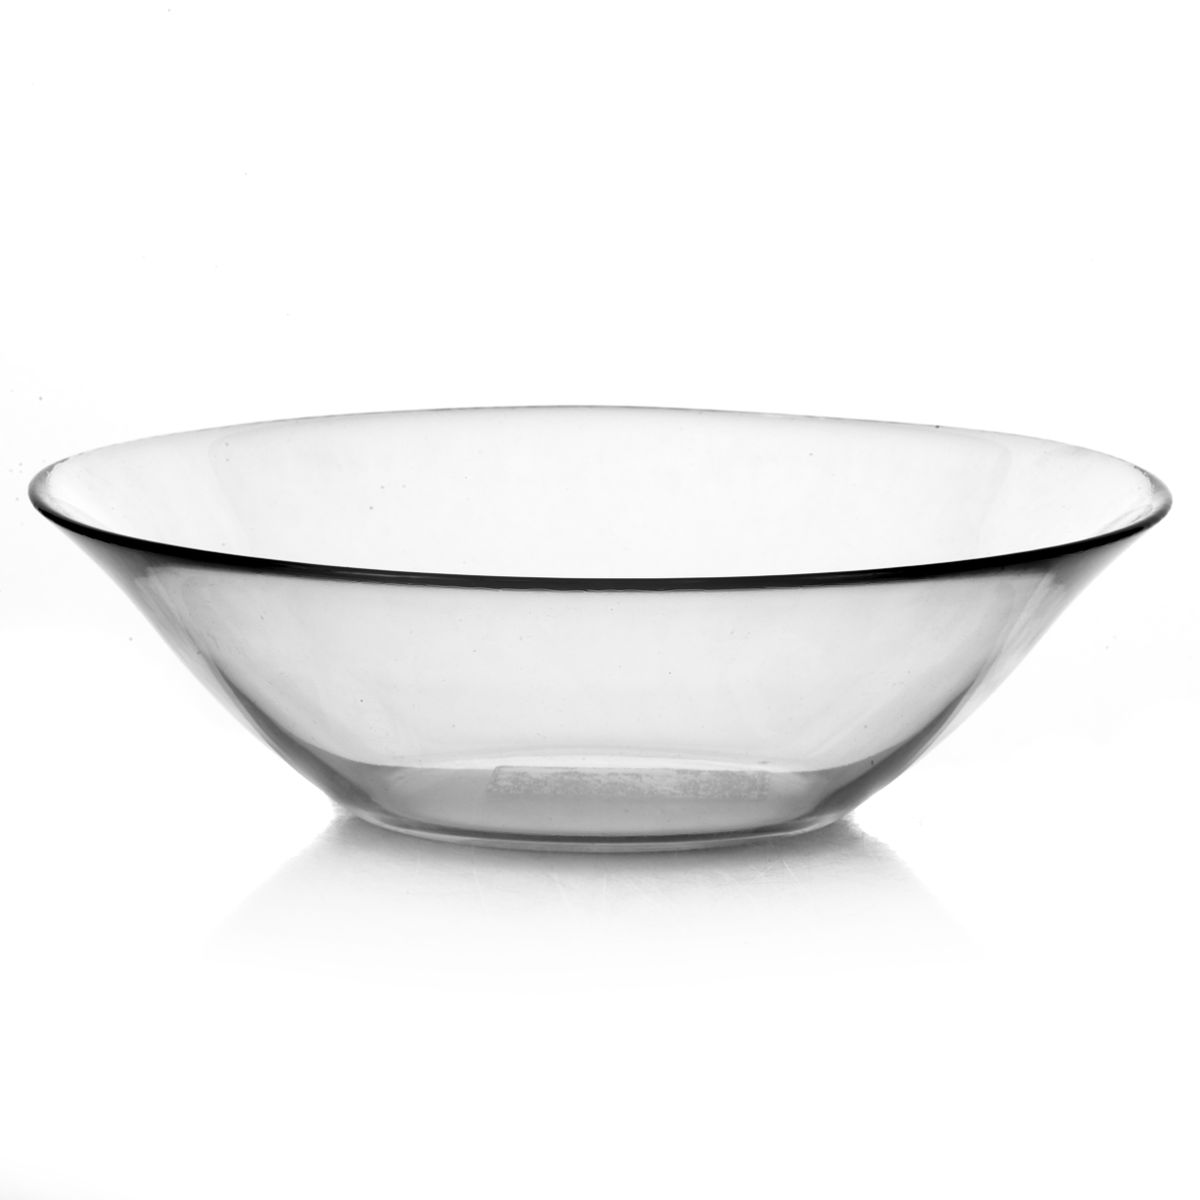 Салатник Pasabahce Invitation, диаметр 22,5 см115510Салатник Pasabahce Invitation, выполненный из прозрачного высококачественного натрий-кальций-силикатного стекла, предназначен для красивой сервировки различных блюд. Салатник сочетает в себе лаконичный дизайн с максимальной функциональностью. Оригинальность оформления придется по вкусу и ценителям классики, и тем, кто предпочитает утонченность и изящность.Можно использовать в холодильной камере, микроволновой печи и мыть в посудомоечной машине. Диаметр салатника: 22,5 см.Высота салатника: 7 см.